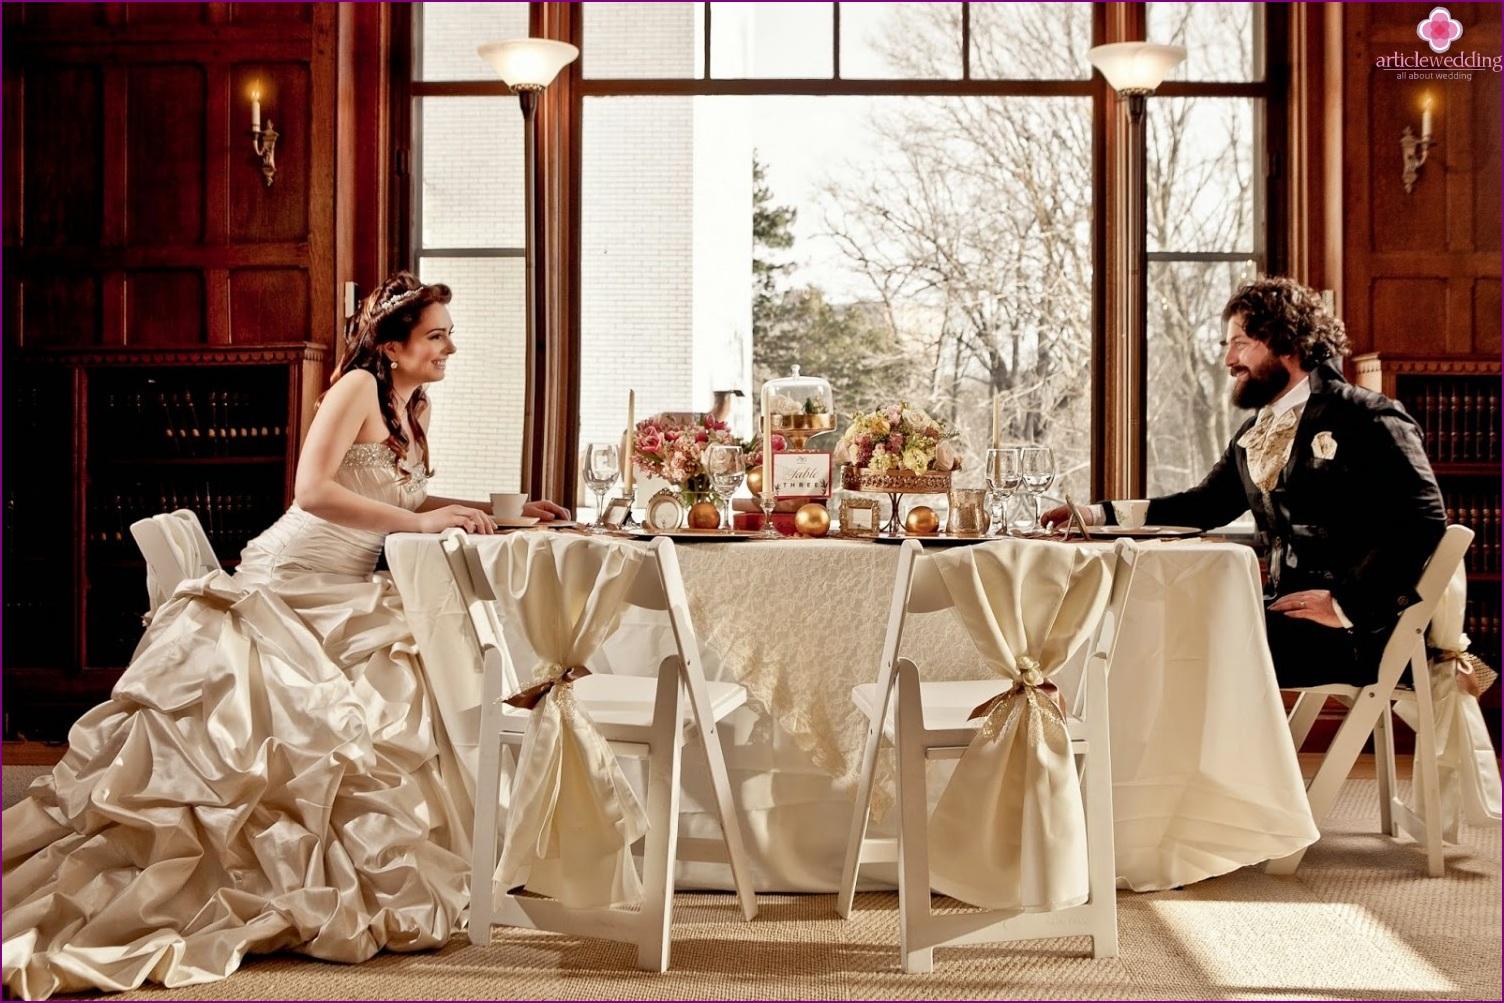 Matrimonio Tema Bella E La Bestia : Top bodas temáticas basadas en los cuentos y dibujos